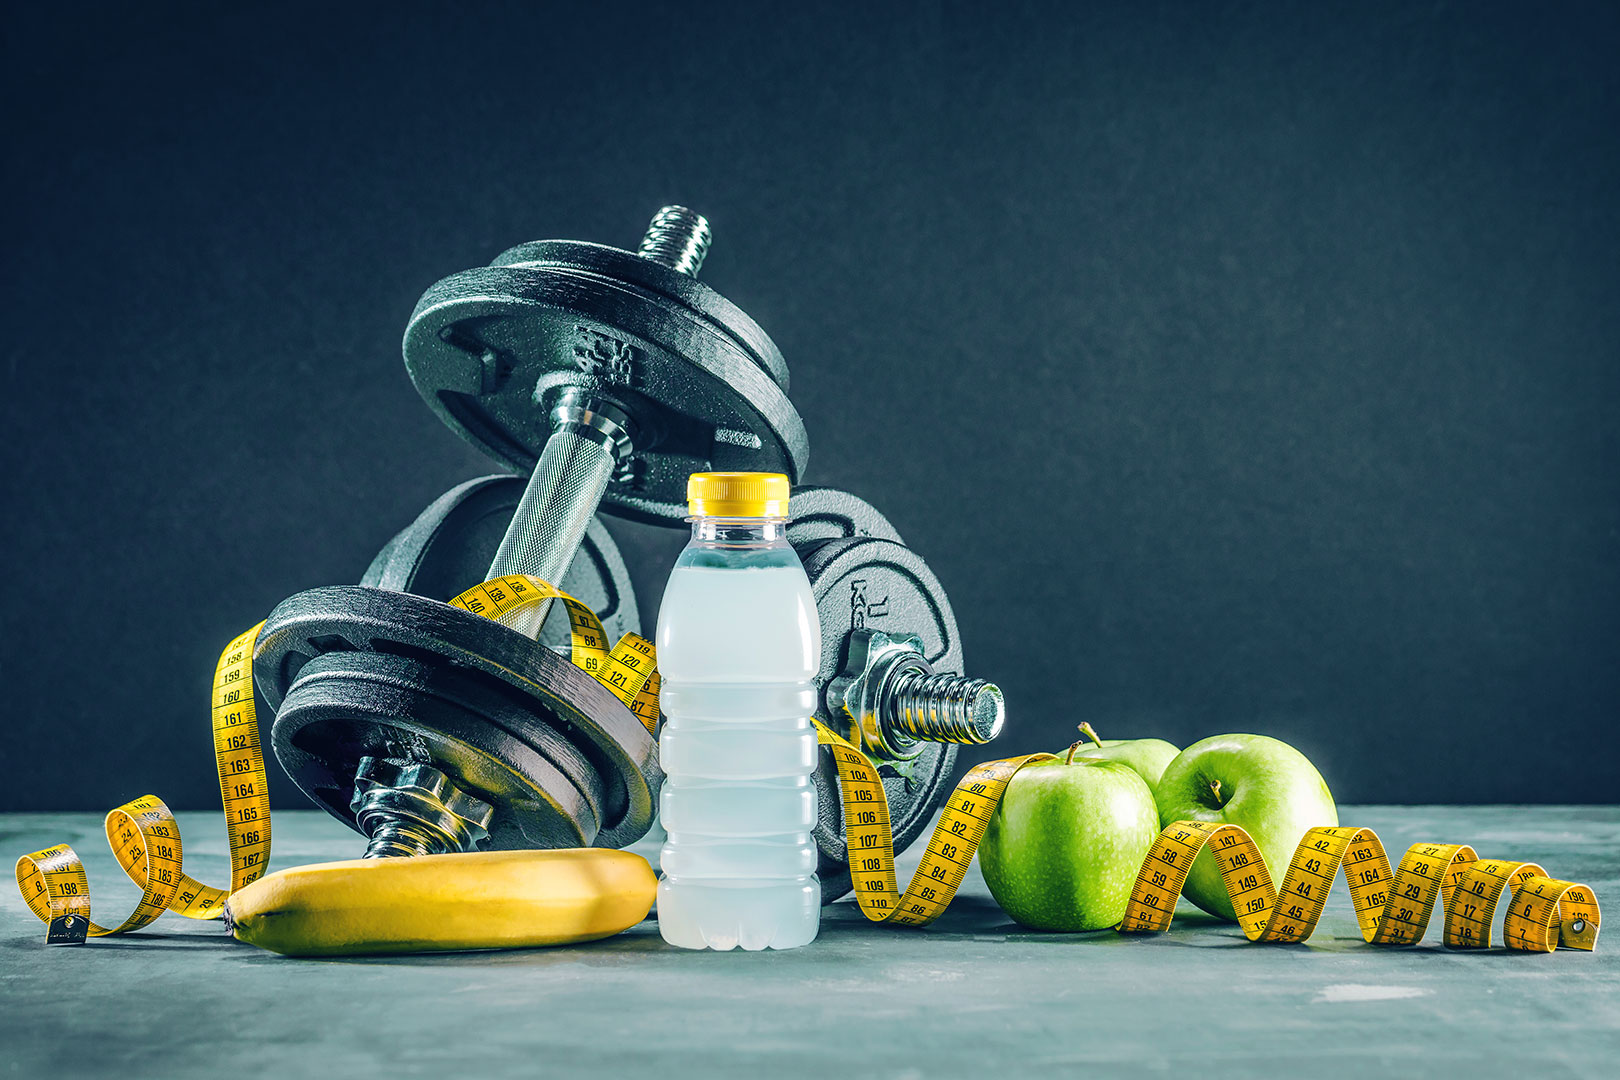 Ha le szeretnél adni pár kilót, máris tudod a megoldást, egyél egészségesen és mozogjál. Ez így is van, de bemutatunk neked néhány az utóbbi évek kutatásai alapján bebizonyított furcsának tűnő trükköt, ami segíthet a céljaid elérésében.